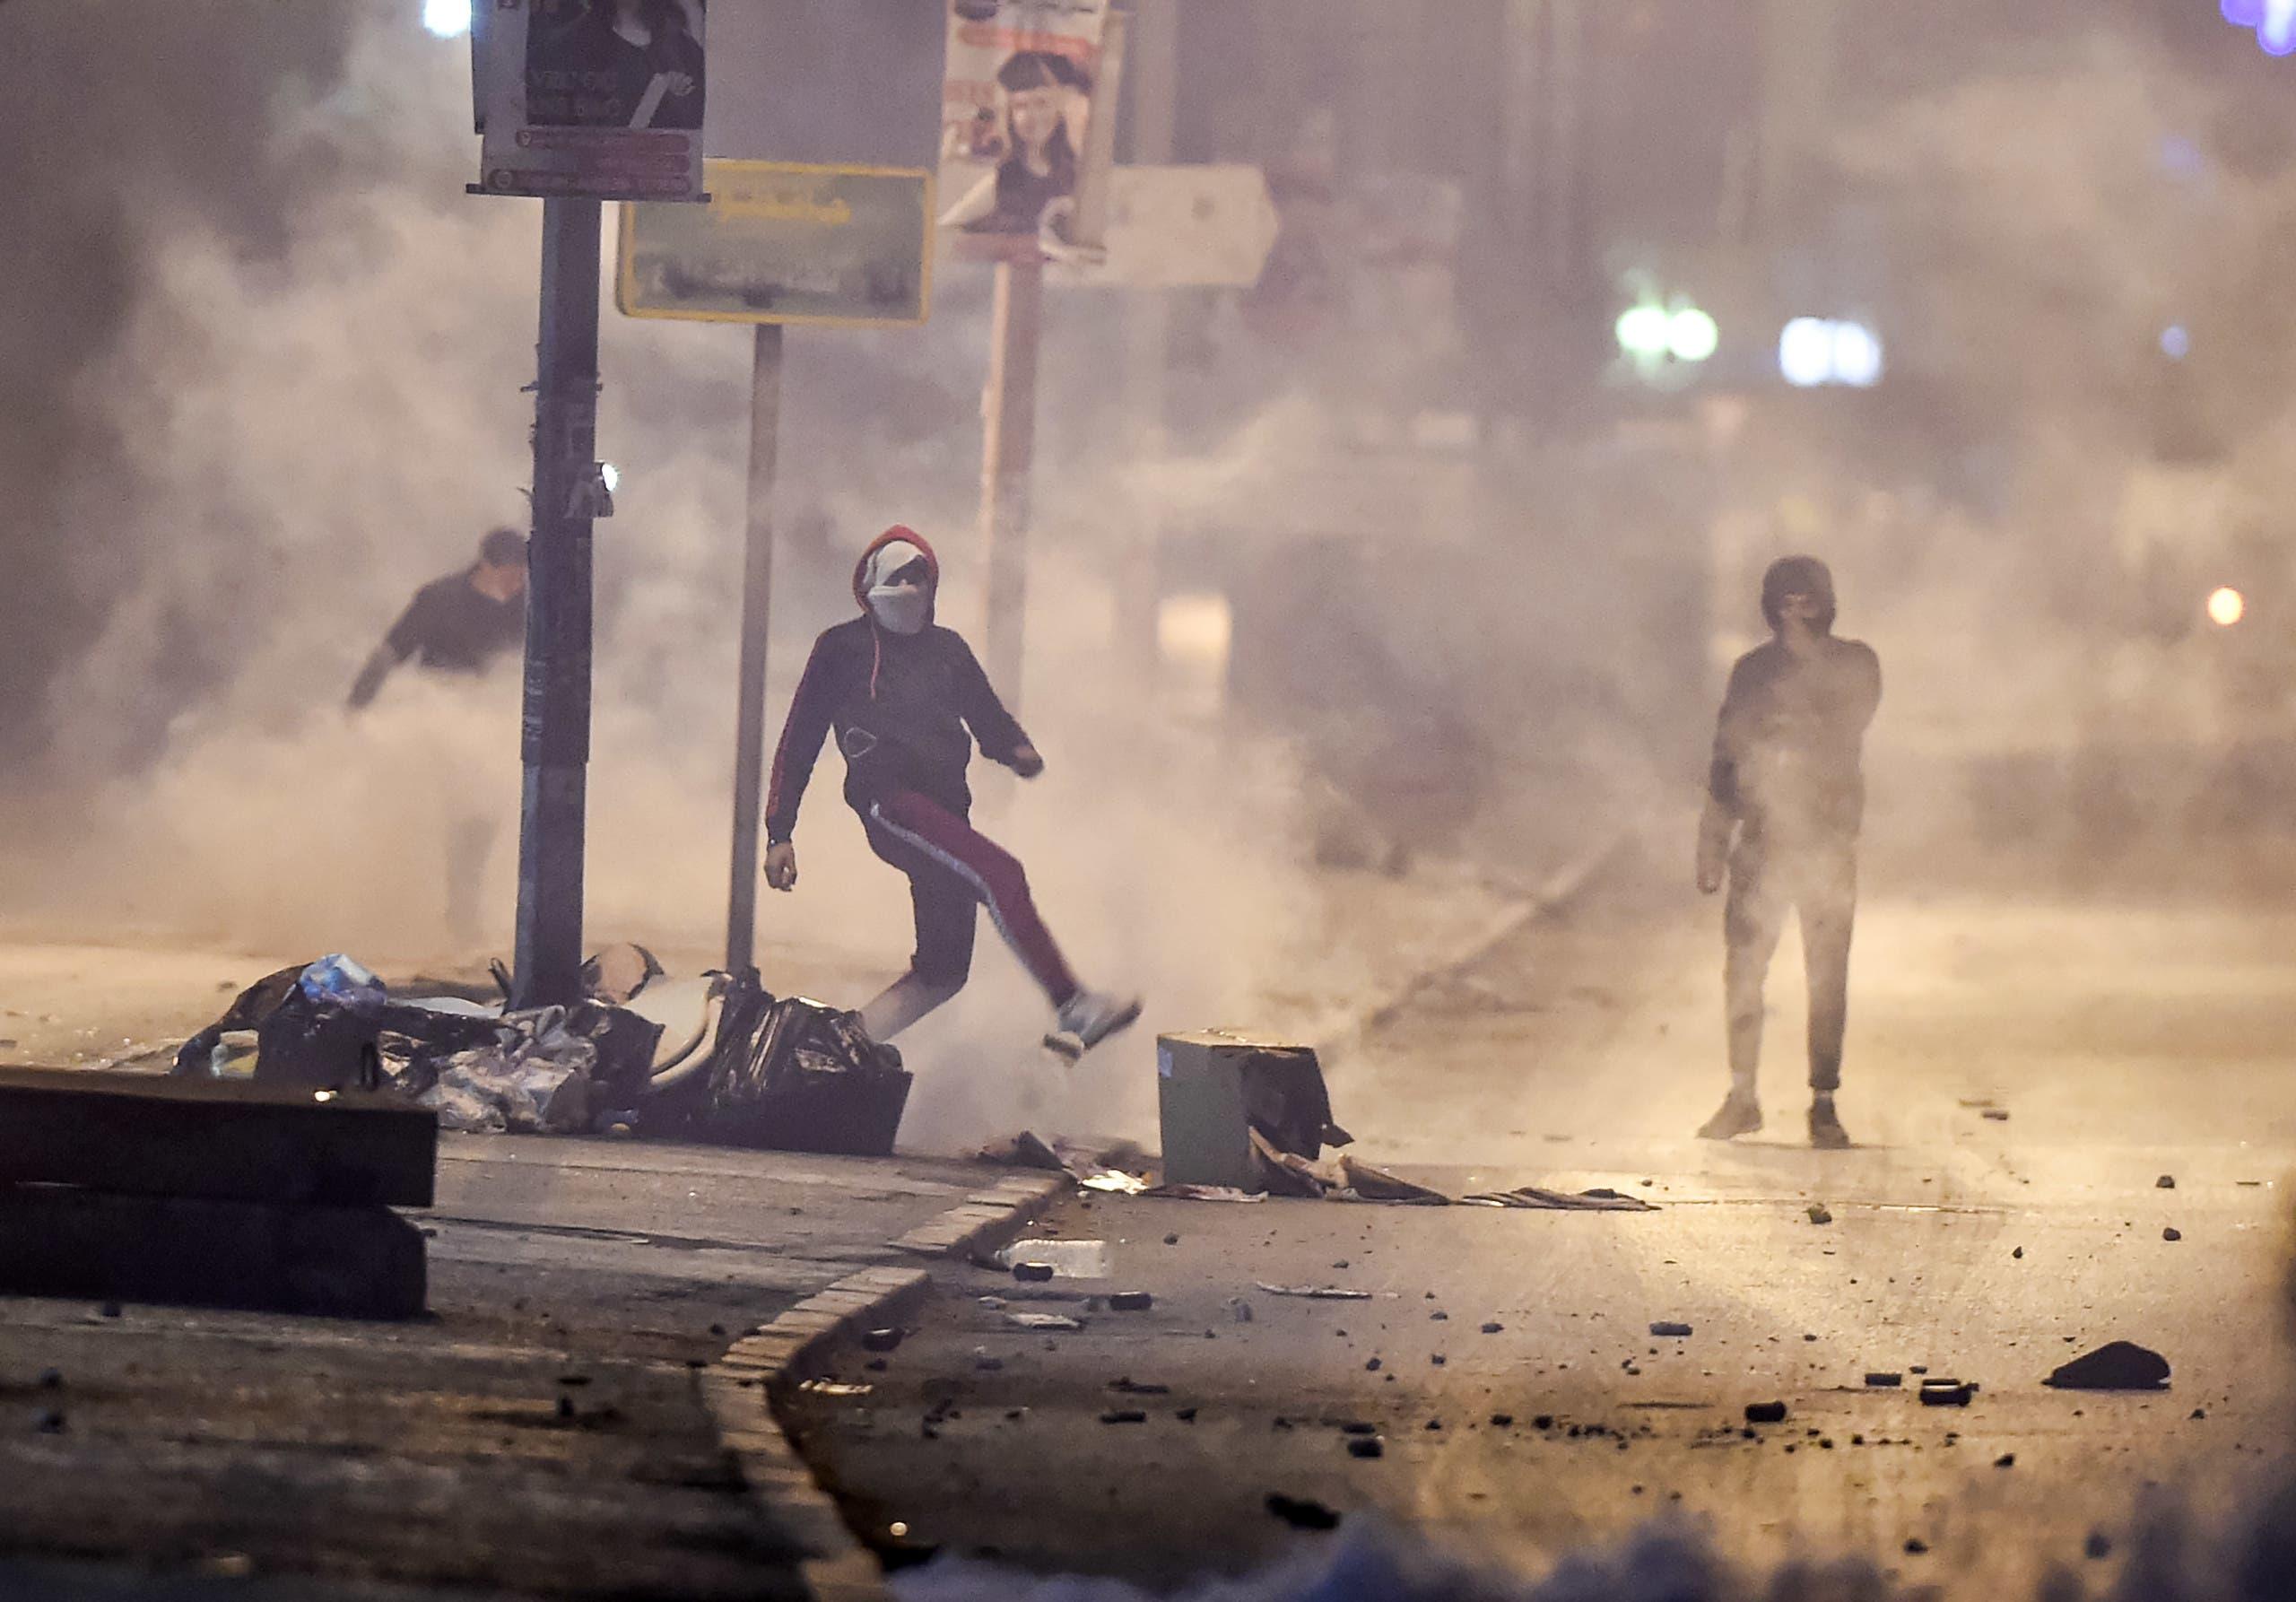 من ضاحية مدينة التضامن يوم 17 يناير